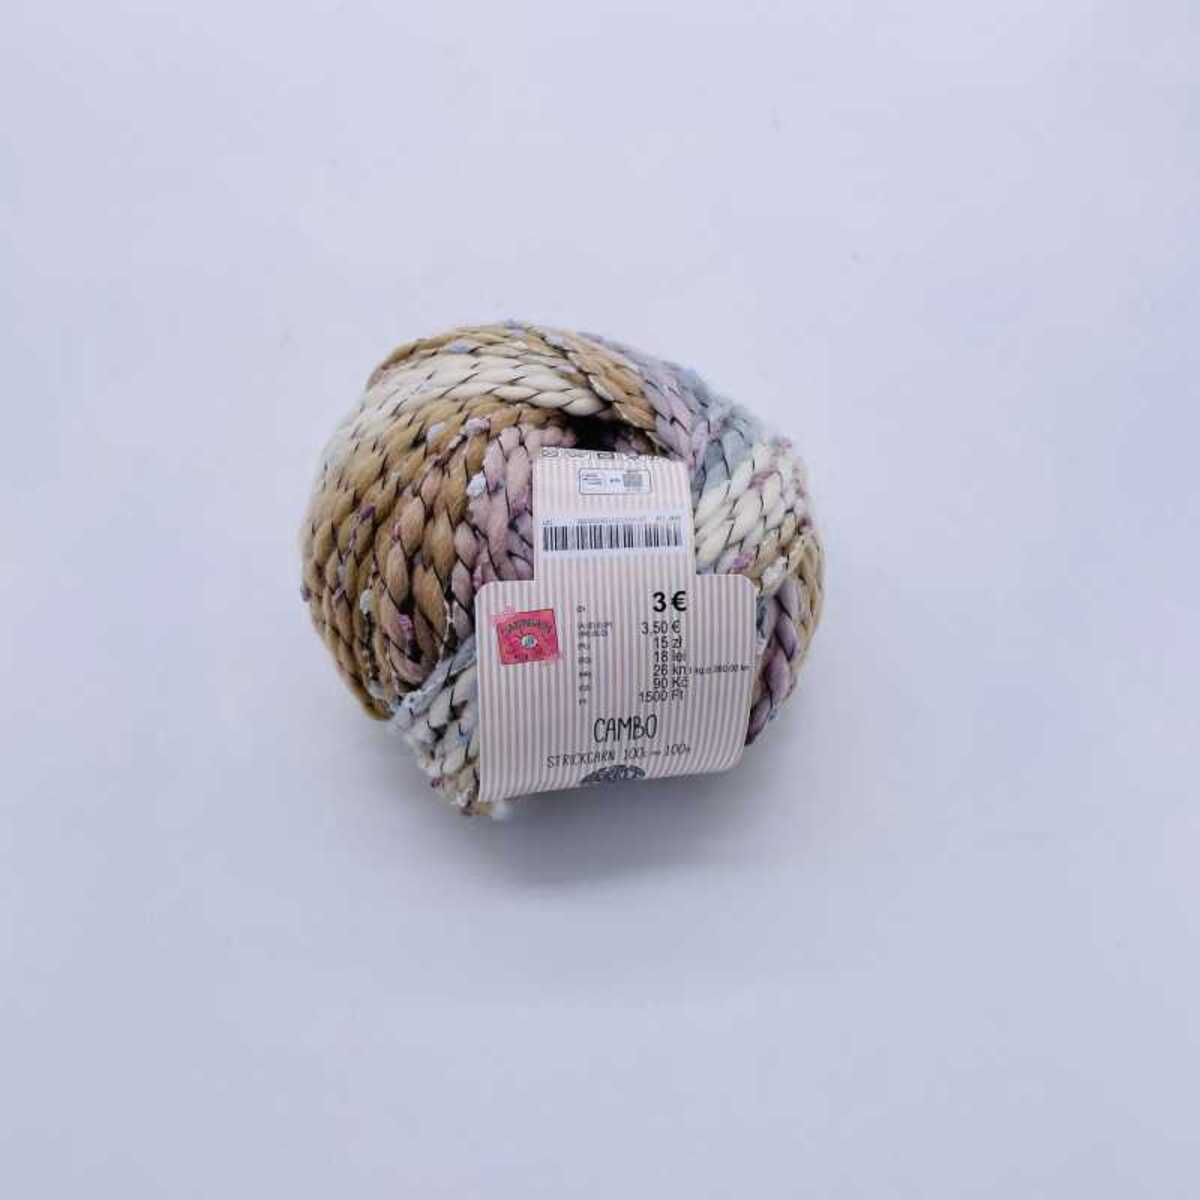 """Bild 2 von Wolle """"Canbo"""", ca. 100 m, verschiedene Farben"""